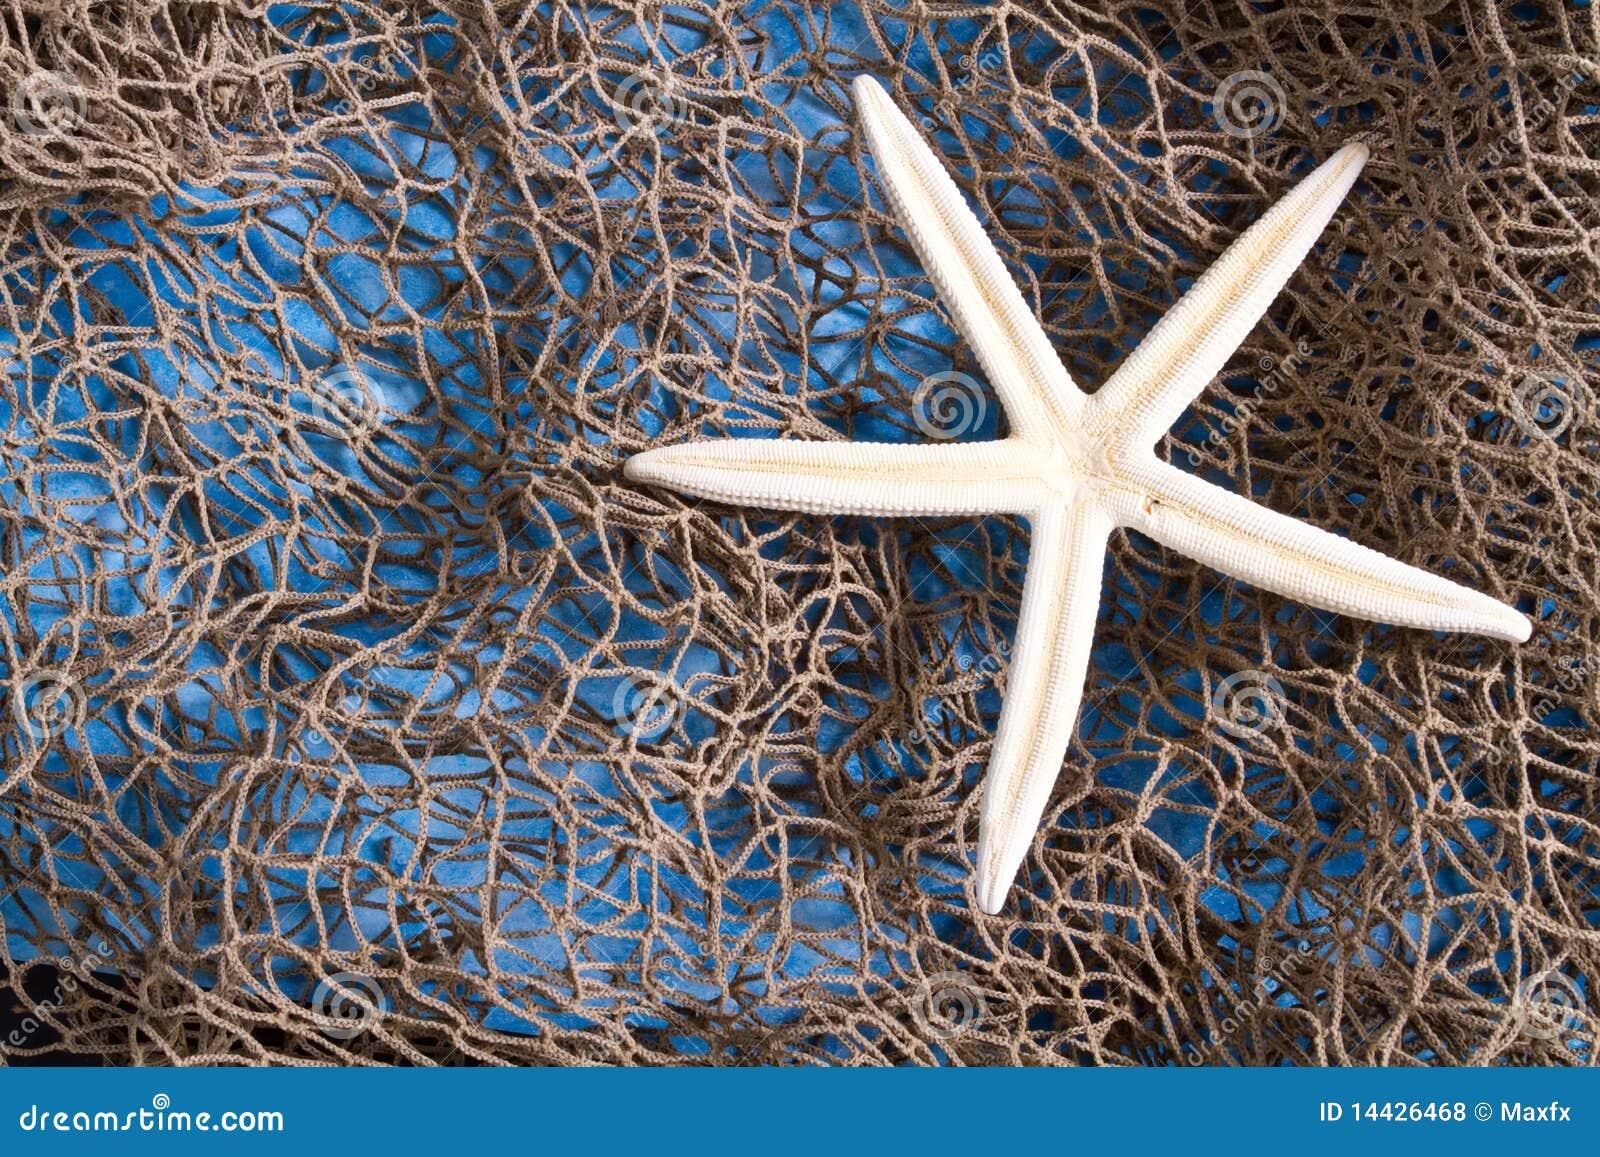 Stella di mare su rete da pesca fotografia stock for Rete da pesca arredamento